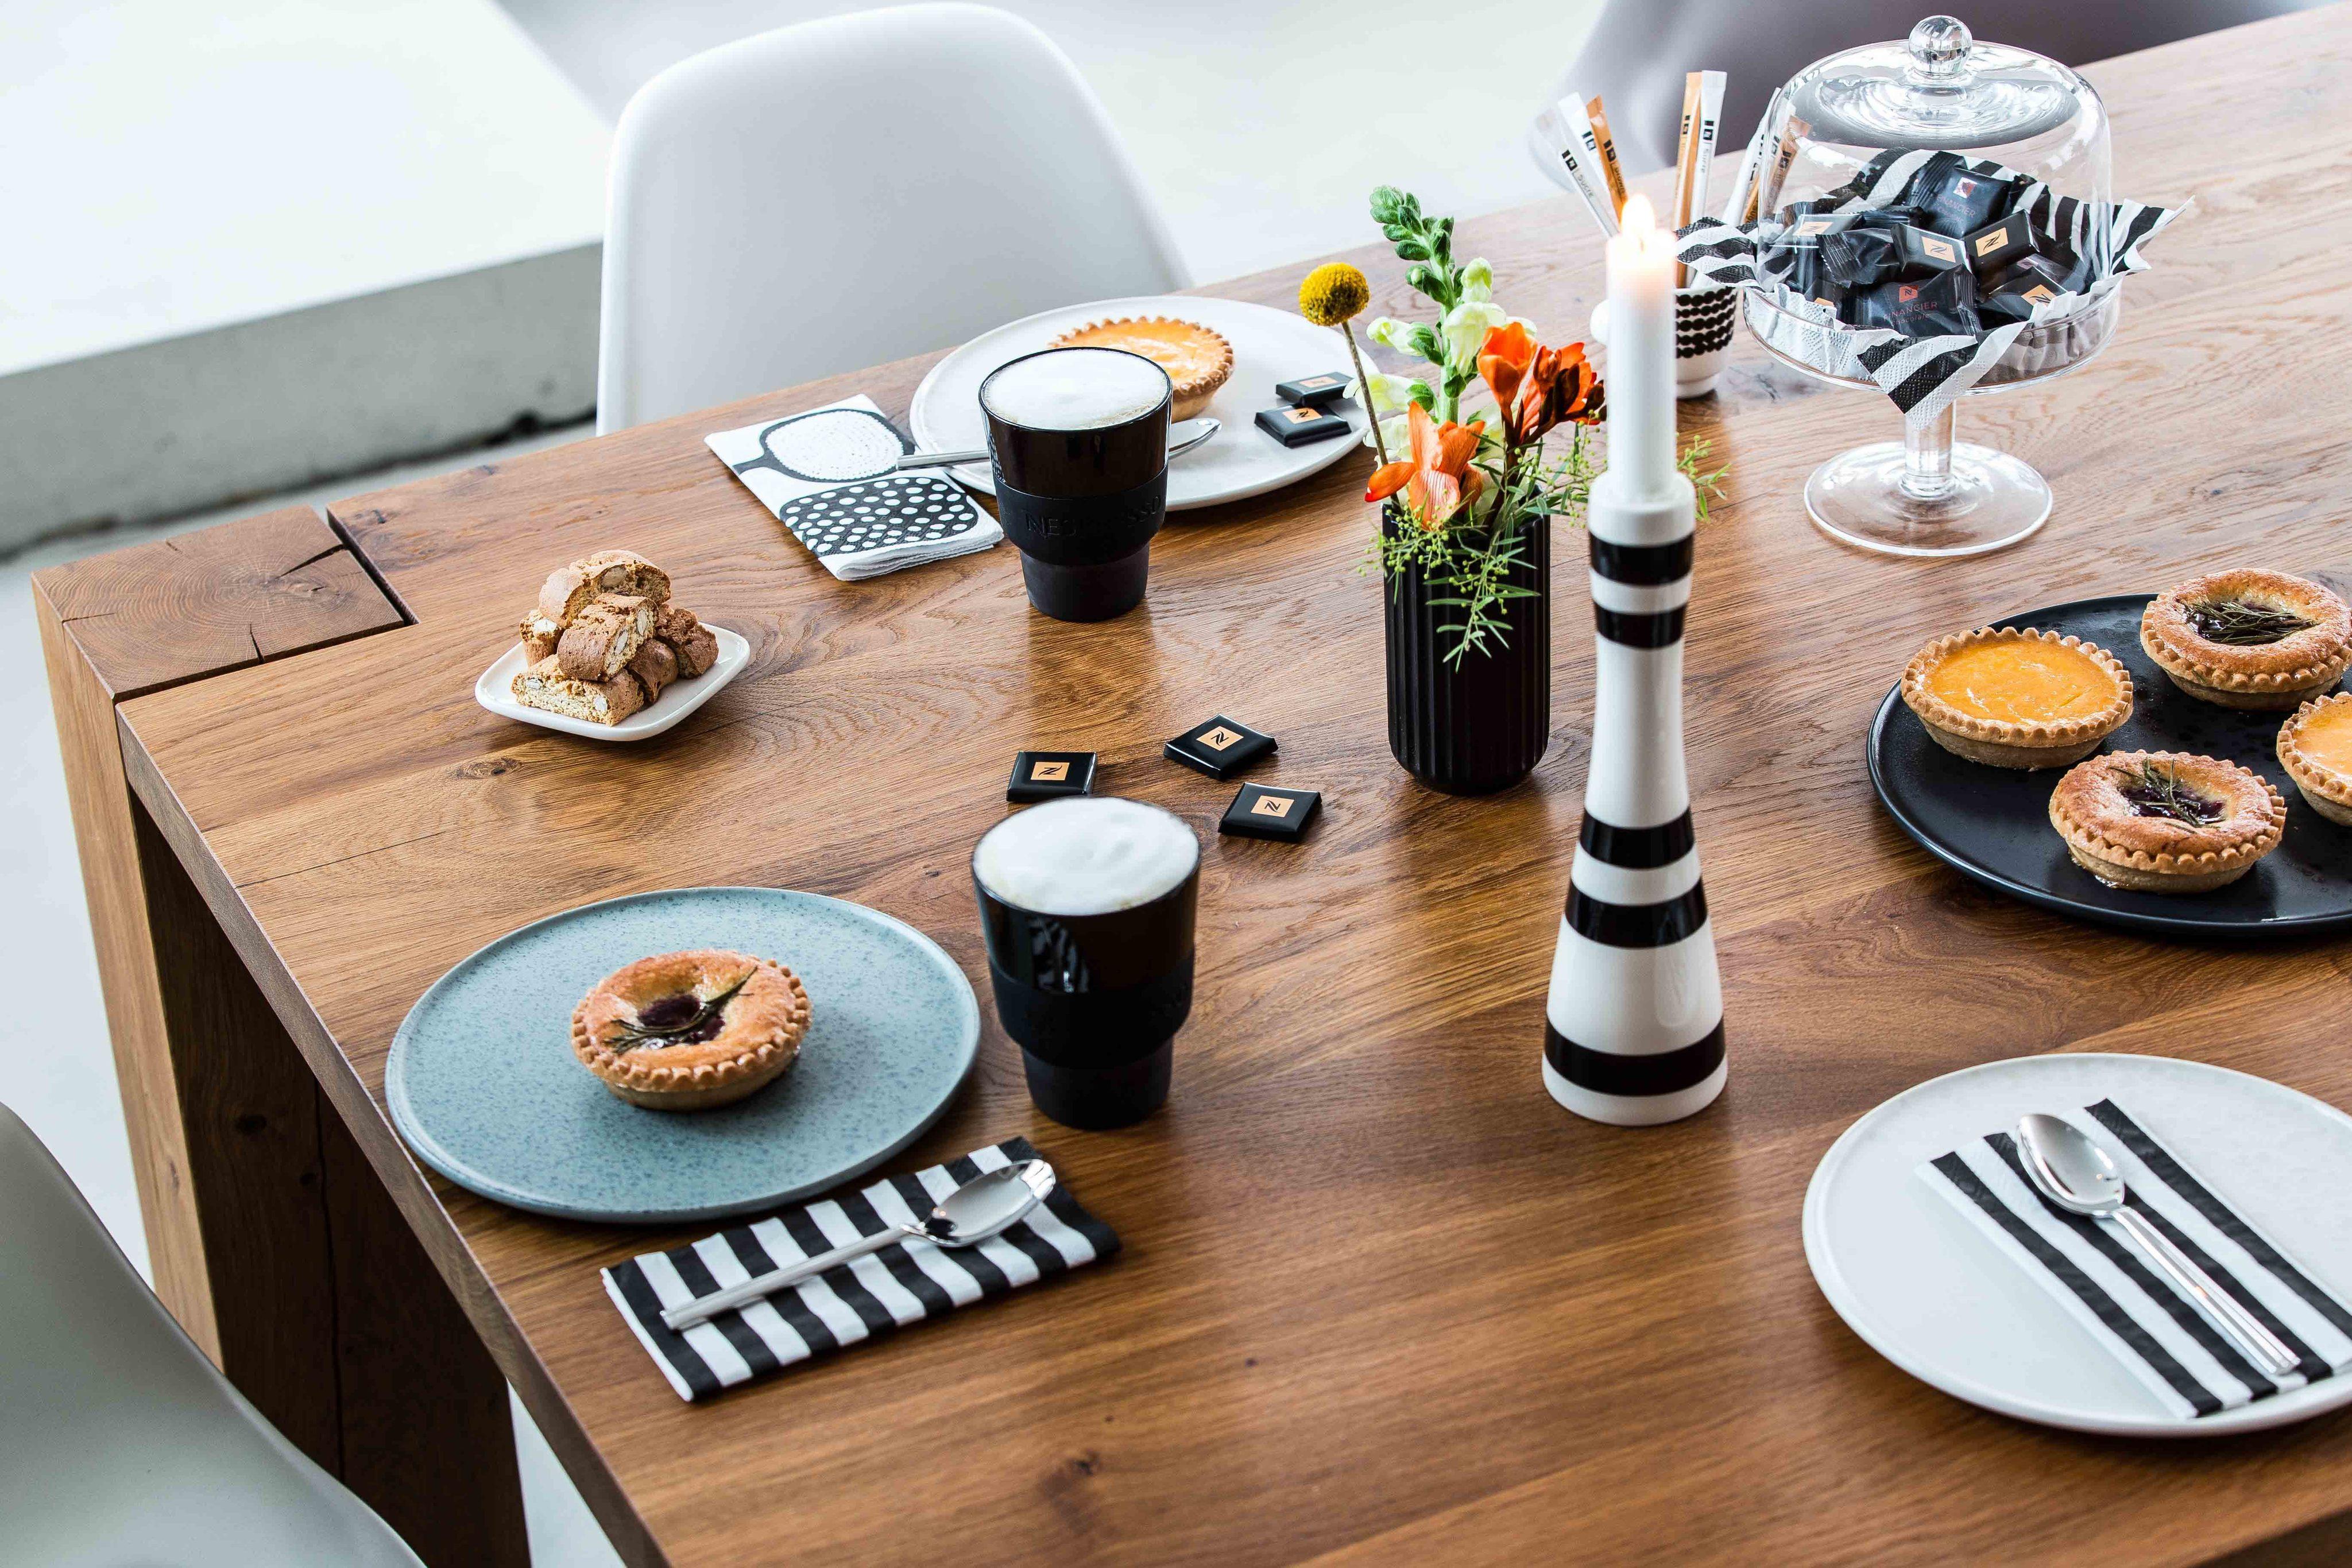 Kaffee Mit Guten Freunden Holztisch Tisch Tischde